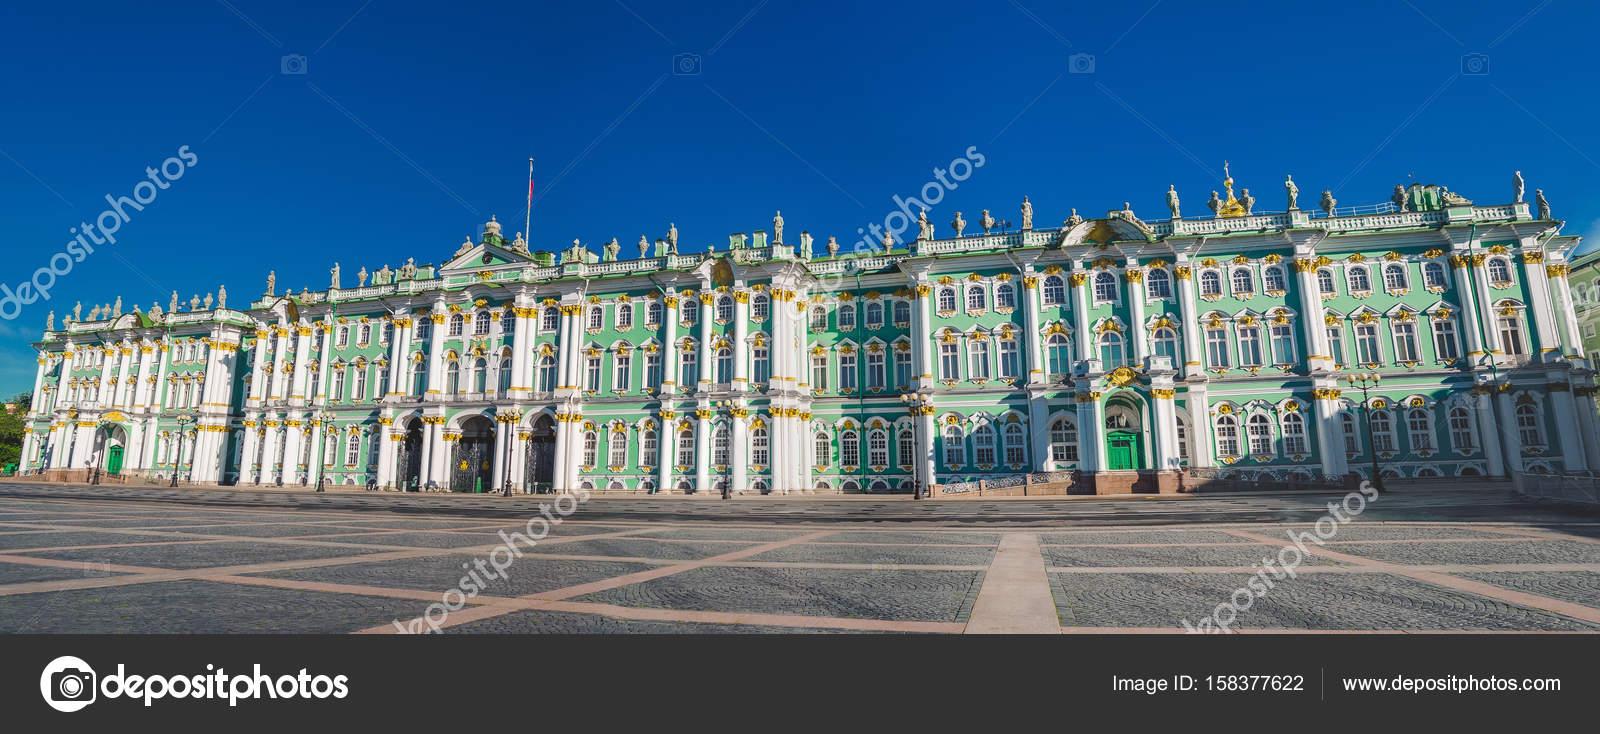 冬宮サンクトペテルブルク建物エルミタージュ美術館。パノラマ \u2014 ストック写真